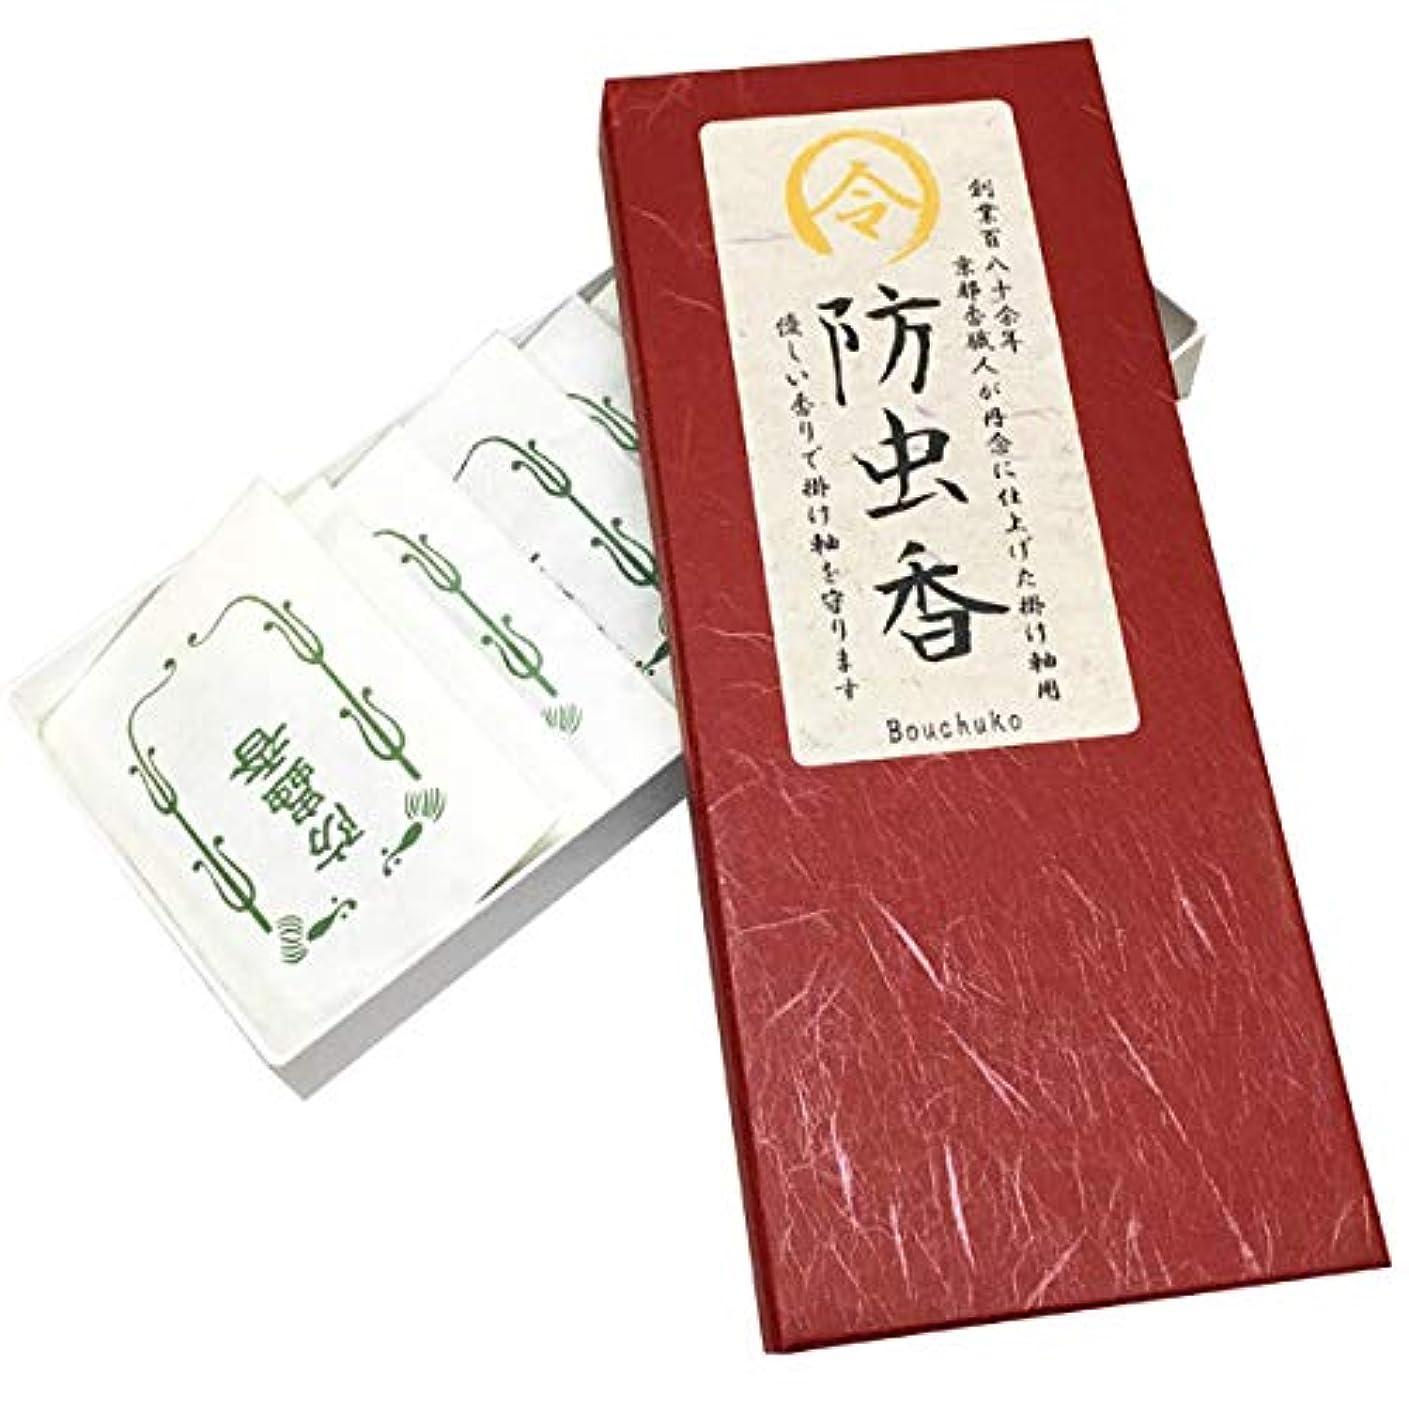 整理する疑問を超えて柱掛け軸用 表具用 高級香 令和印の掛軸防虫香(白檀香) 1箱10袋入り